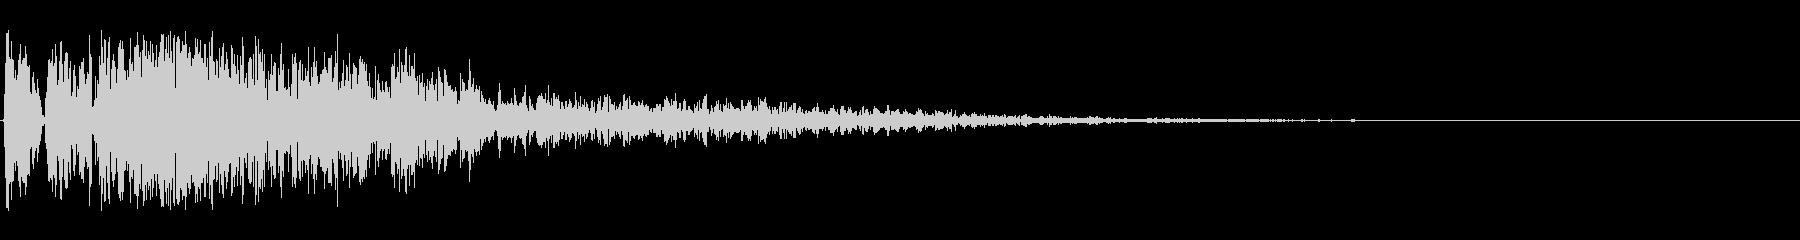 爆発;複数03の未再生の波形